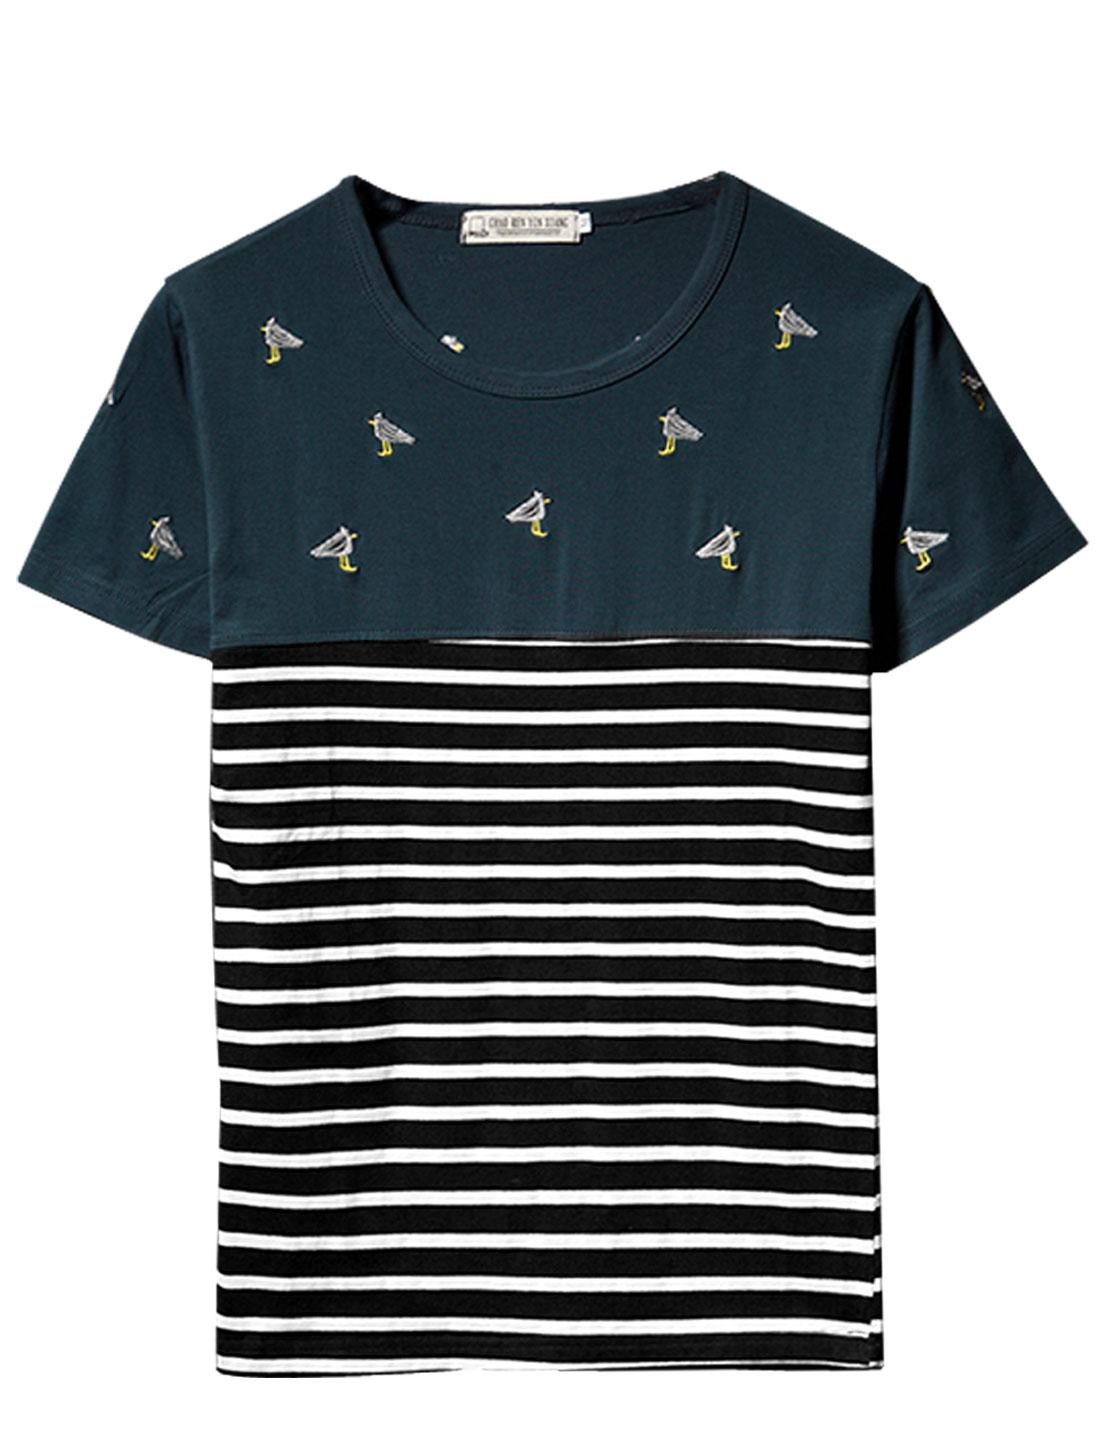 Men Short Sleeve Bar Striped Casual T-Shirt Navy Blue M